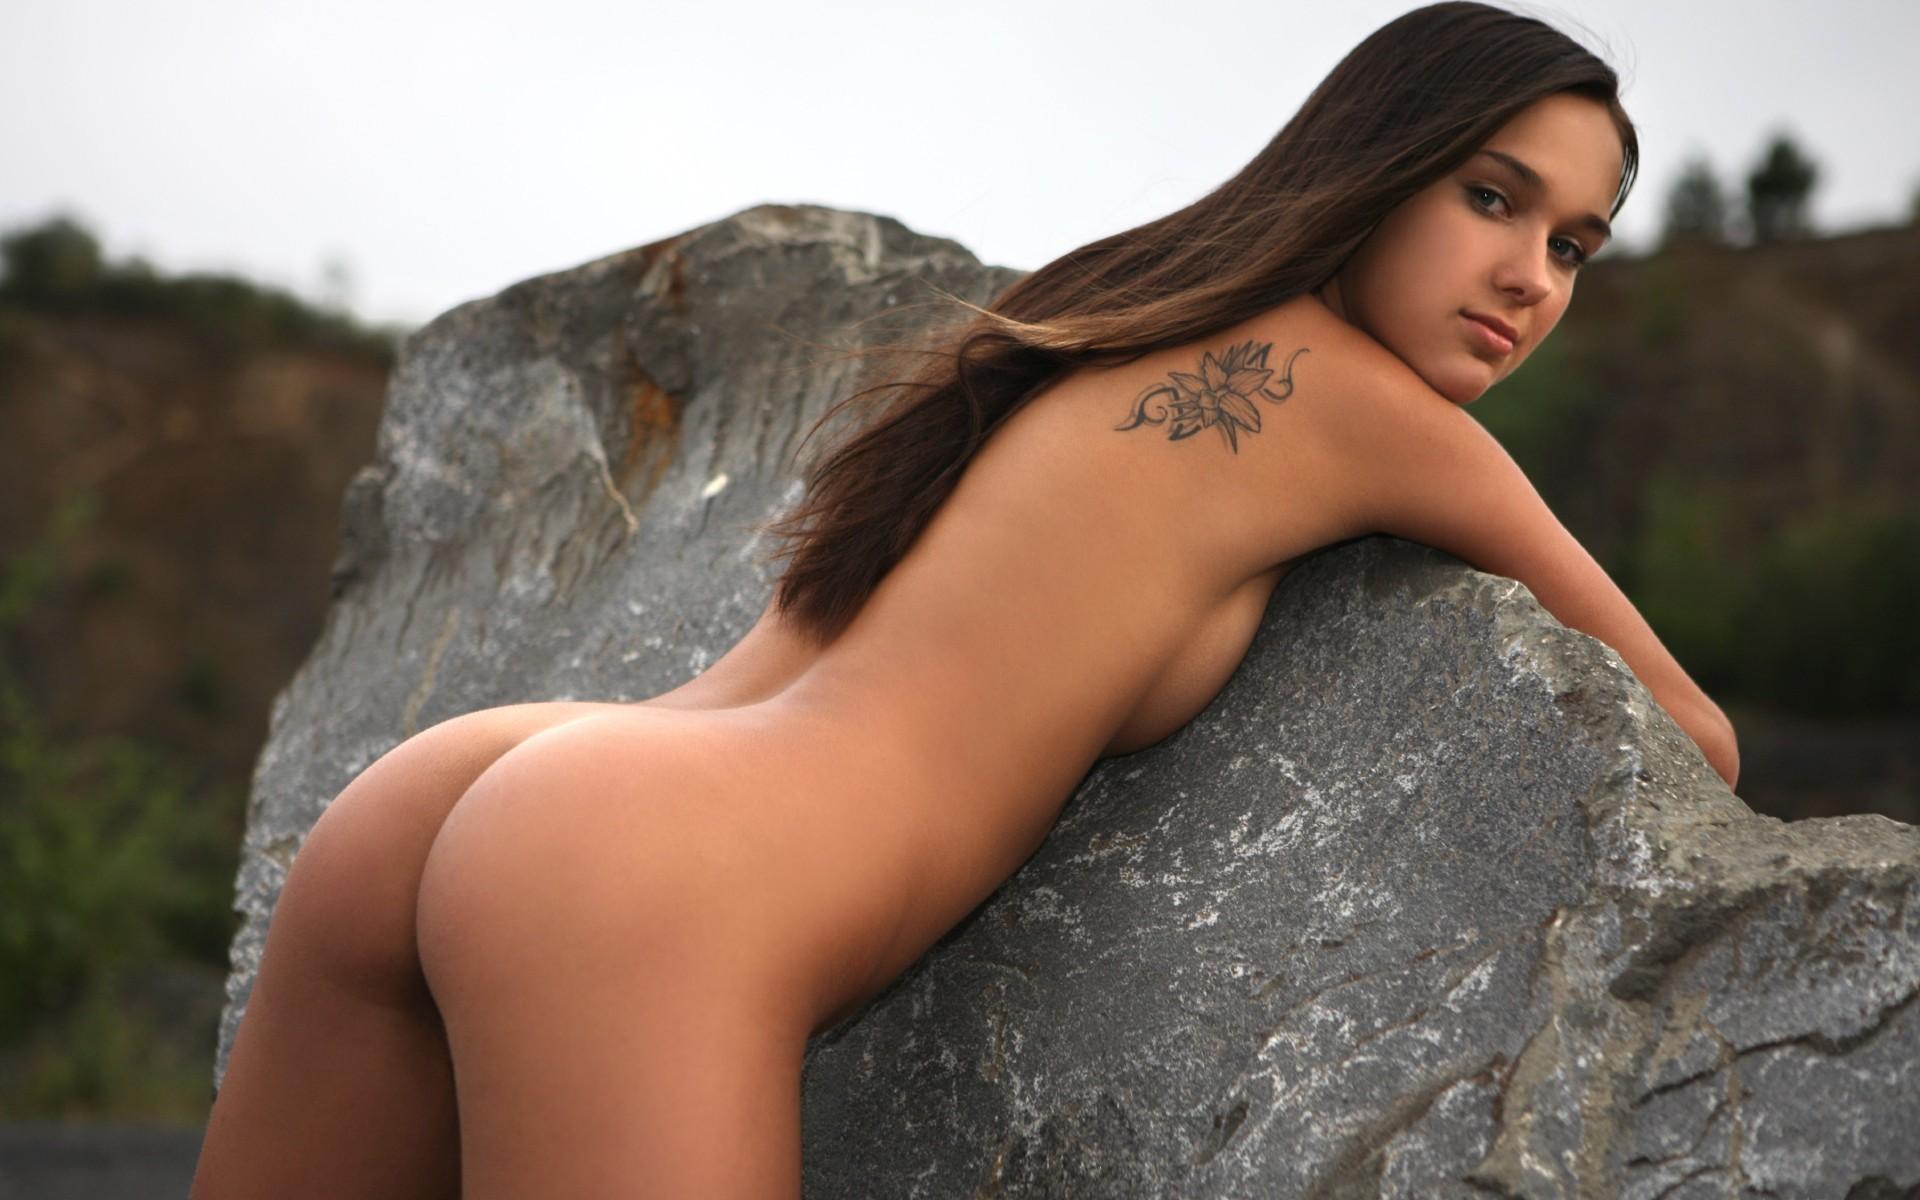 Невероятно сексуальные девушки смотреть онлайн фото видео — 15